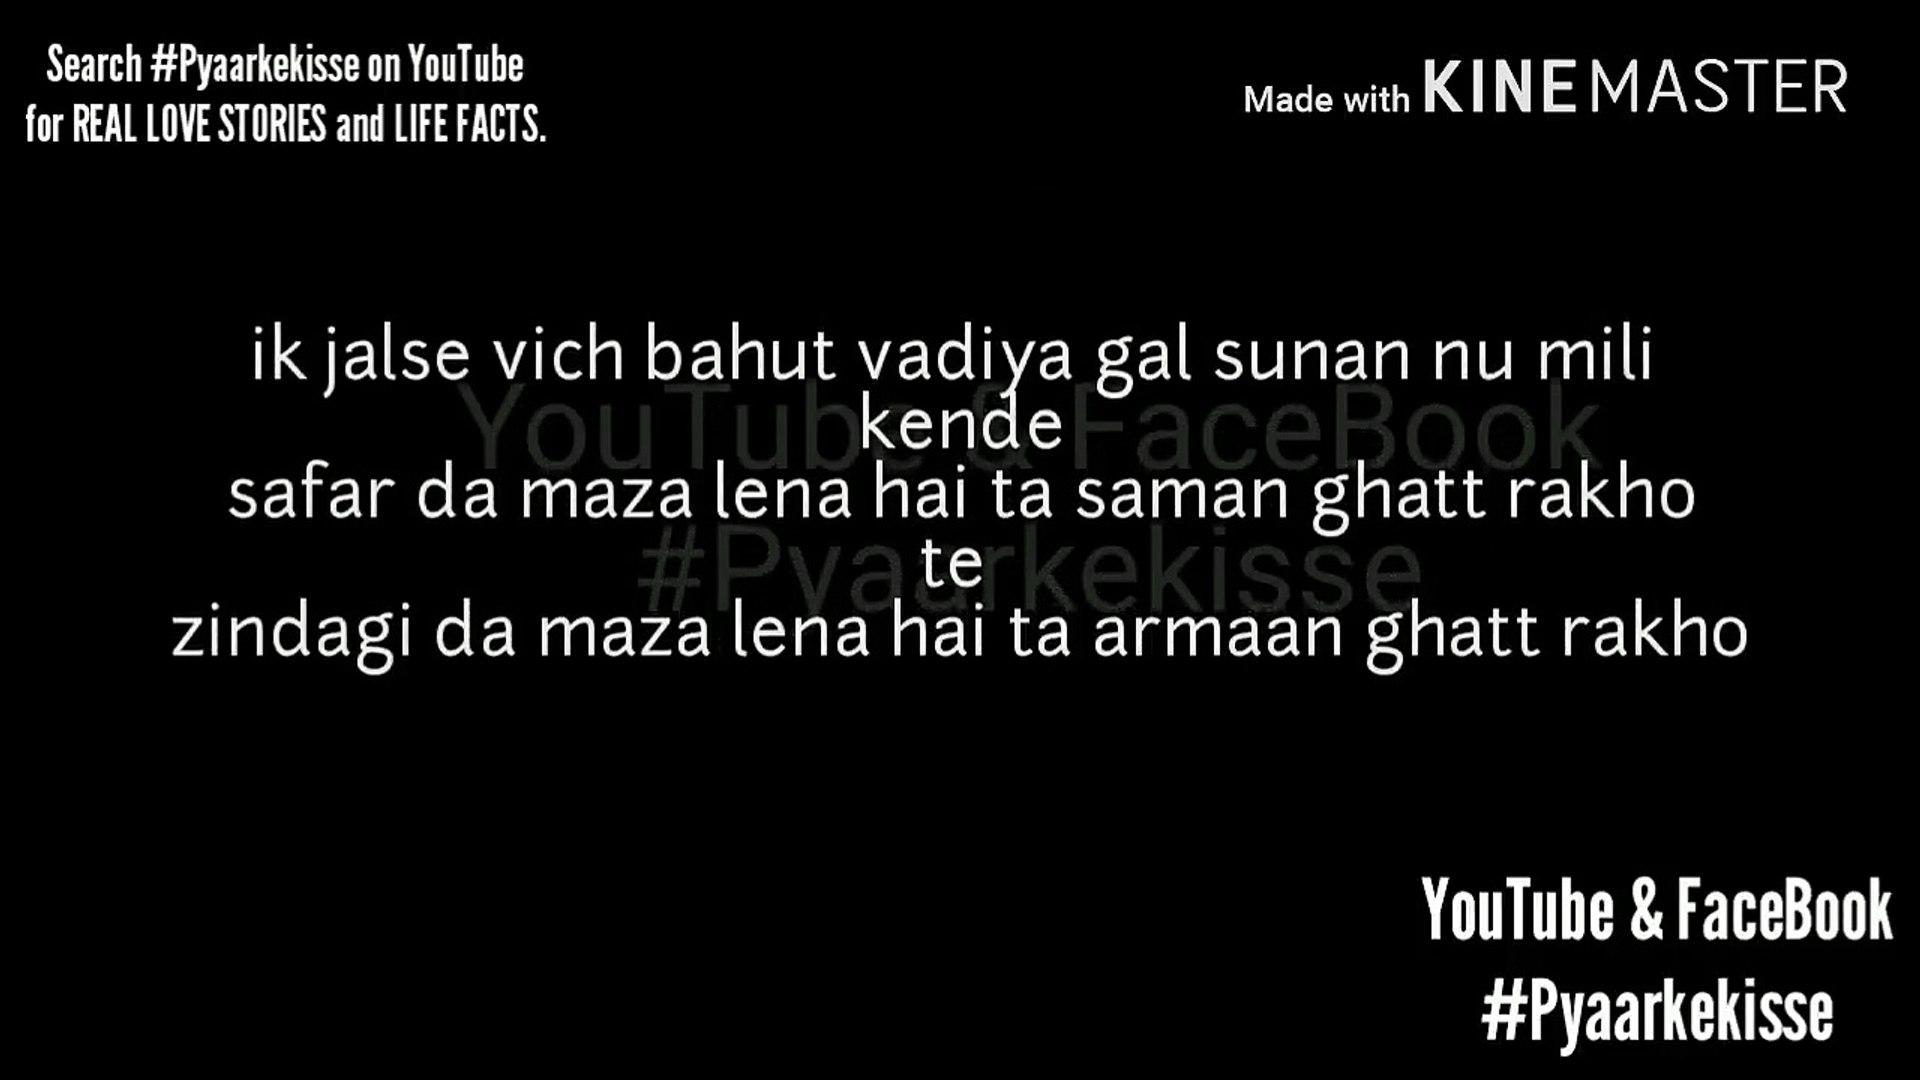 punjabi motivational quotes motivational quotes gagan masoun videos punjabi inspirational quotes  Ho